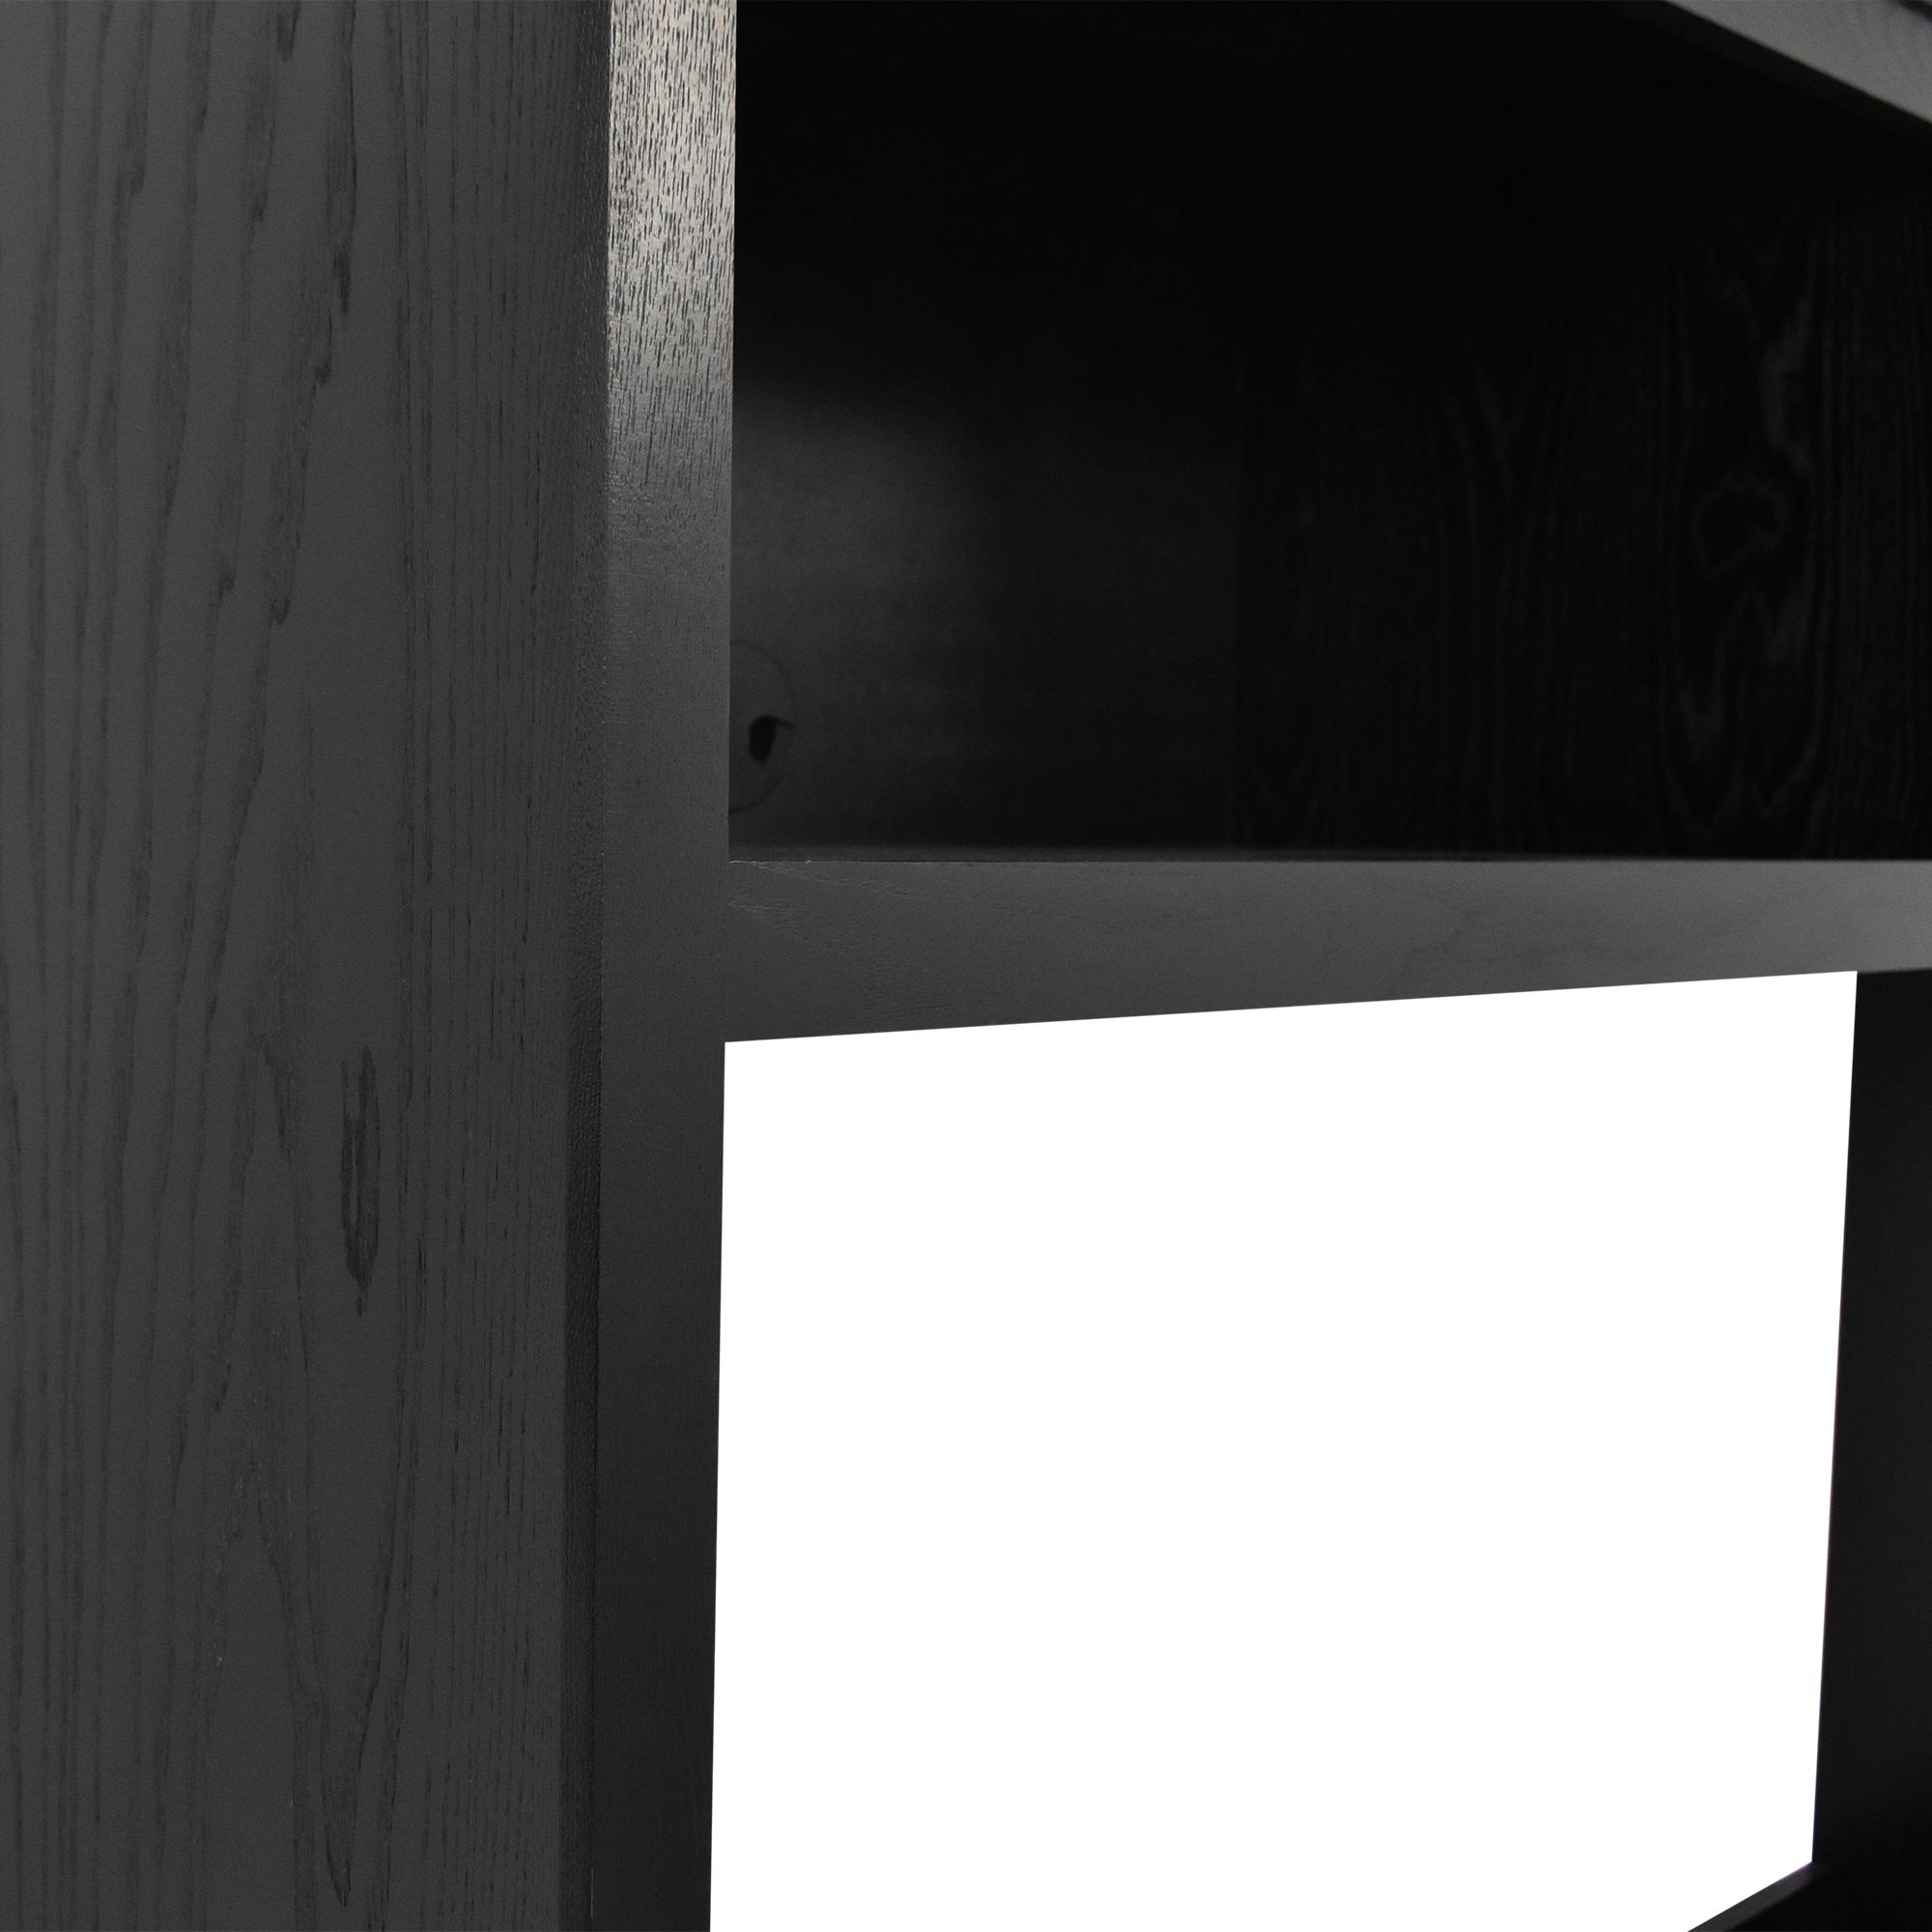 shop Crate & Barrel Media Center Crate & Barrel Storage